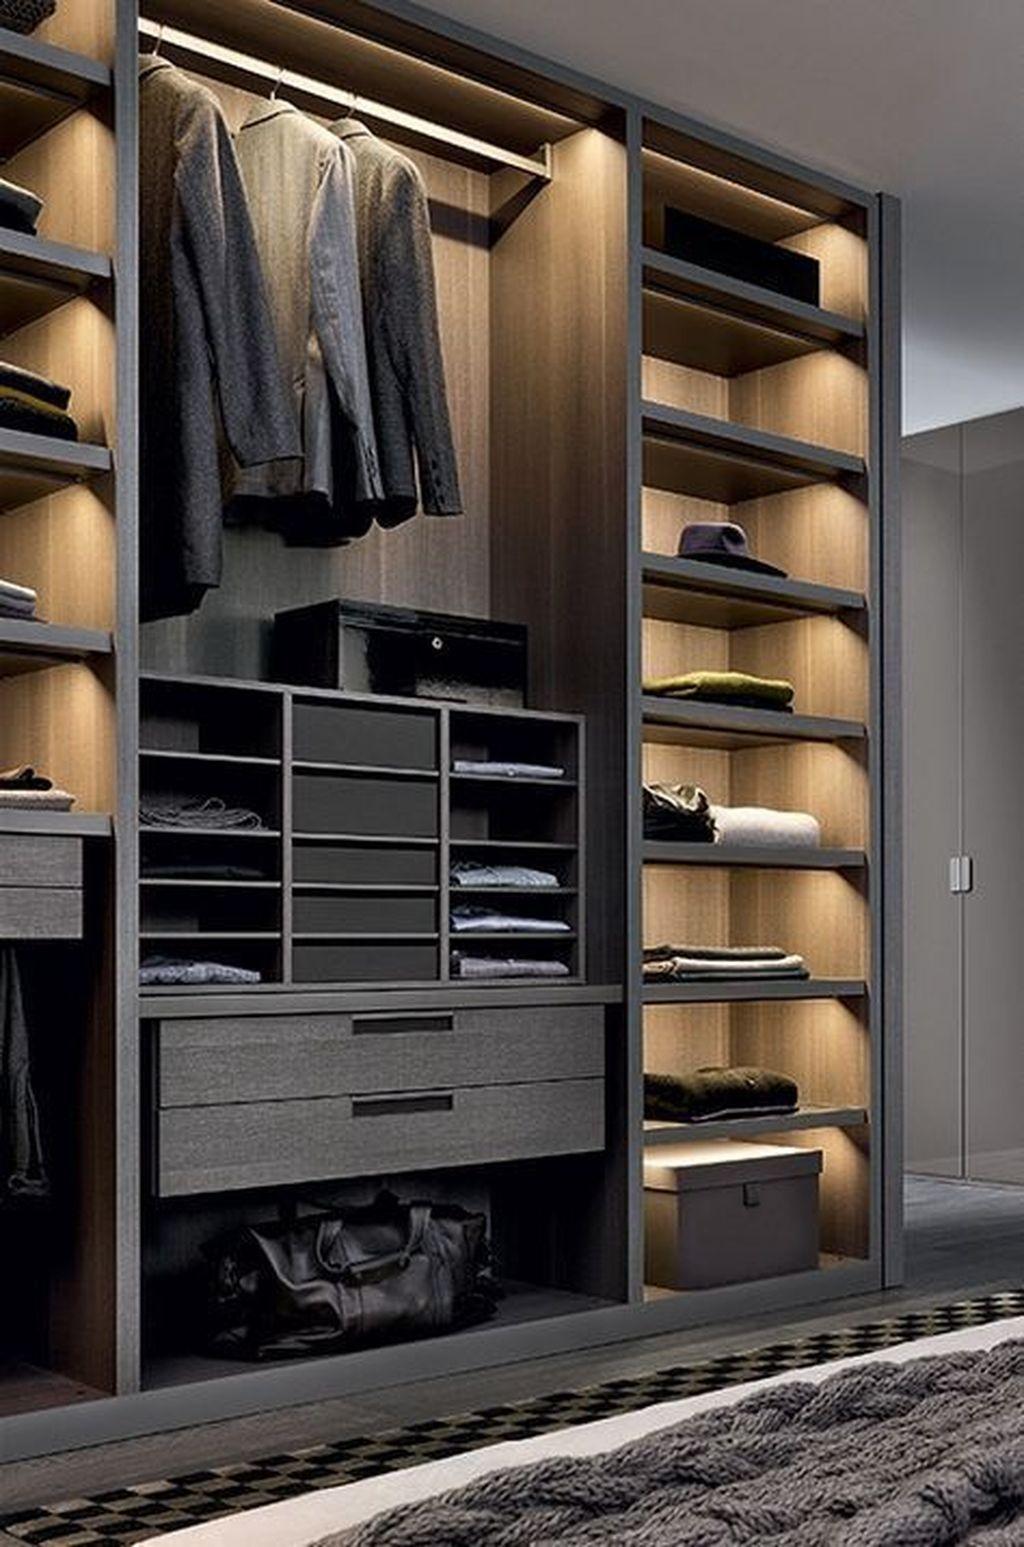 49 Creative Closet Designs Ideas For Your Home  Interior Design  Decoração armário, Quartos